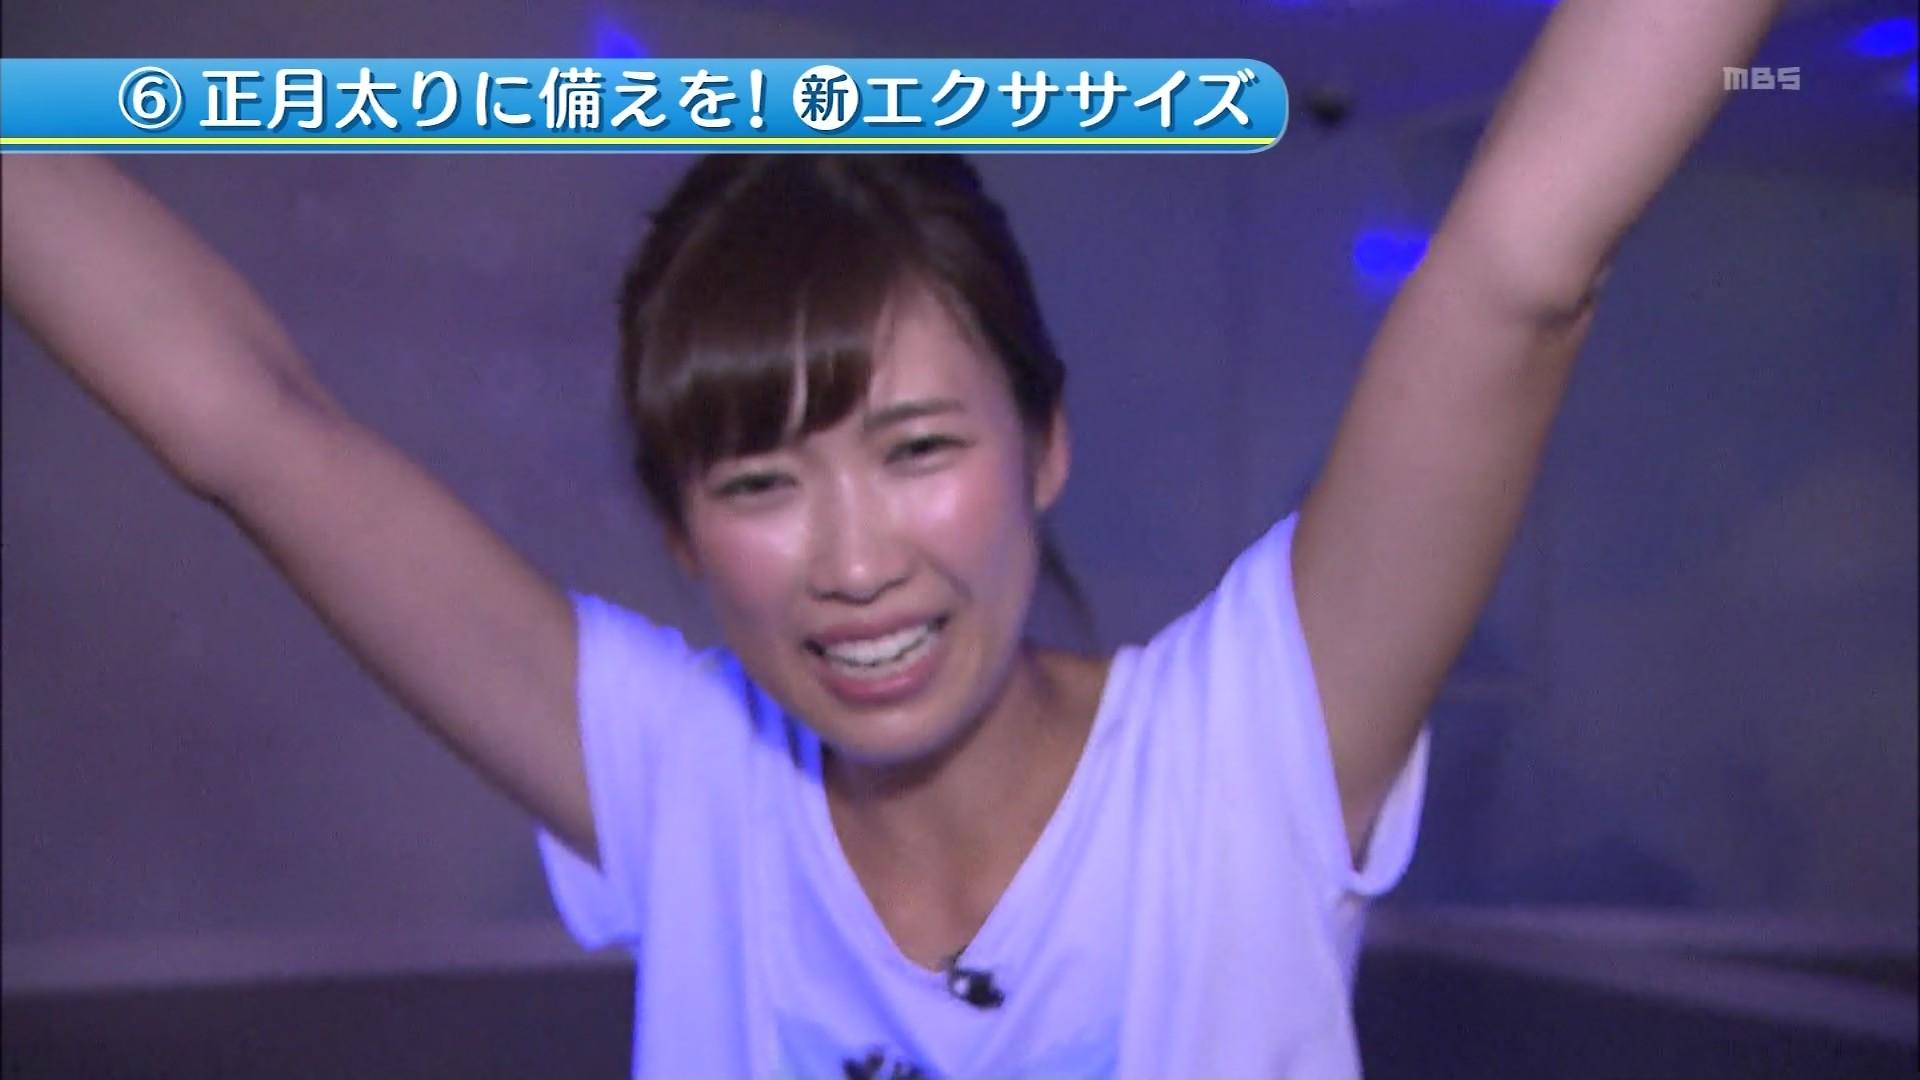 2018年12月14日MBS「ちちんぷいぷい」出演、玉巻映美さんのテレビキャプチャー画像-029